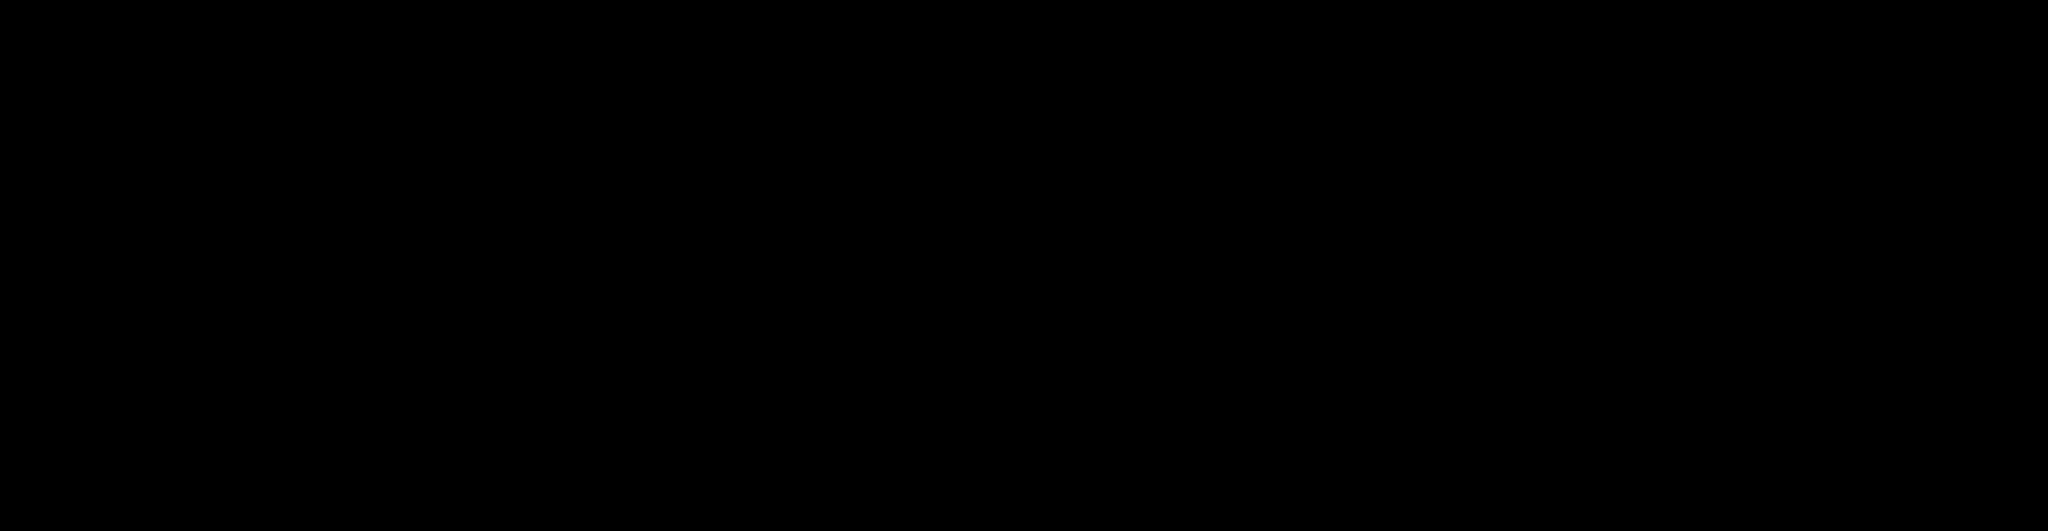 Bklyner-Logotype-Black.png